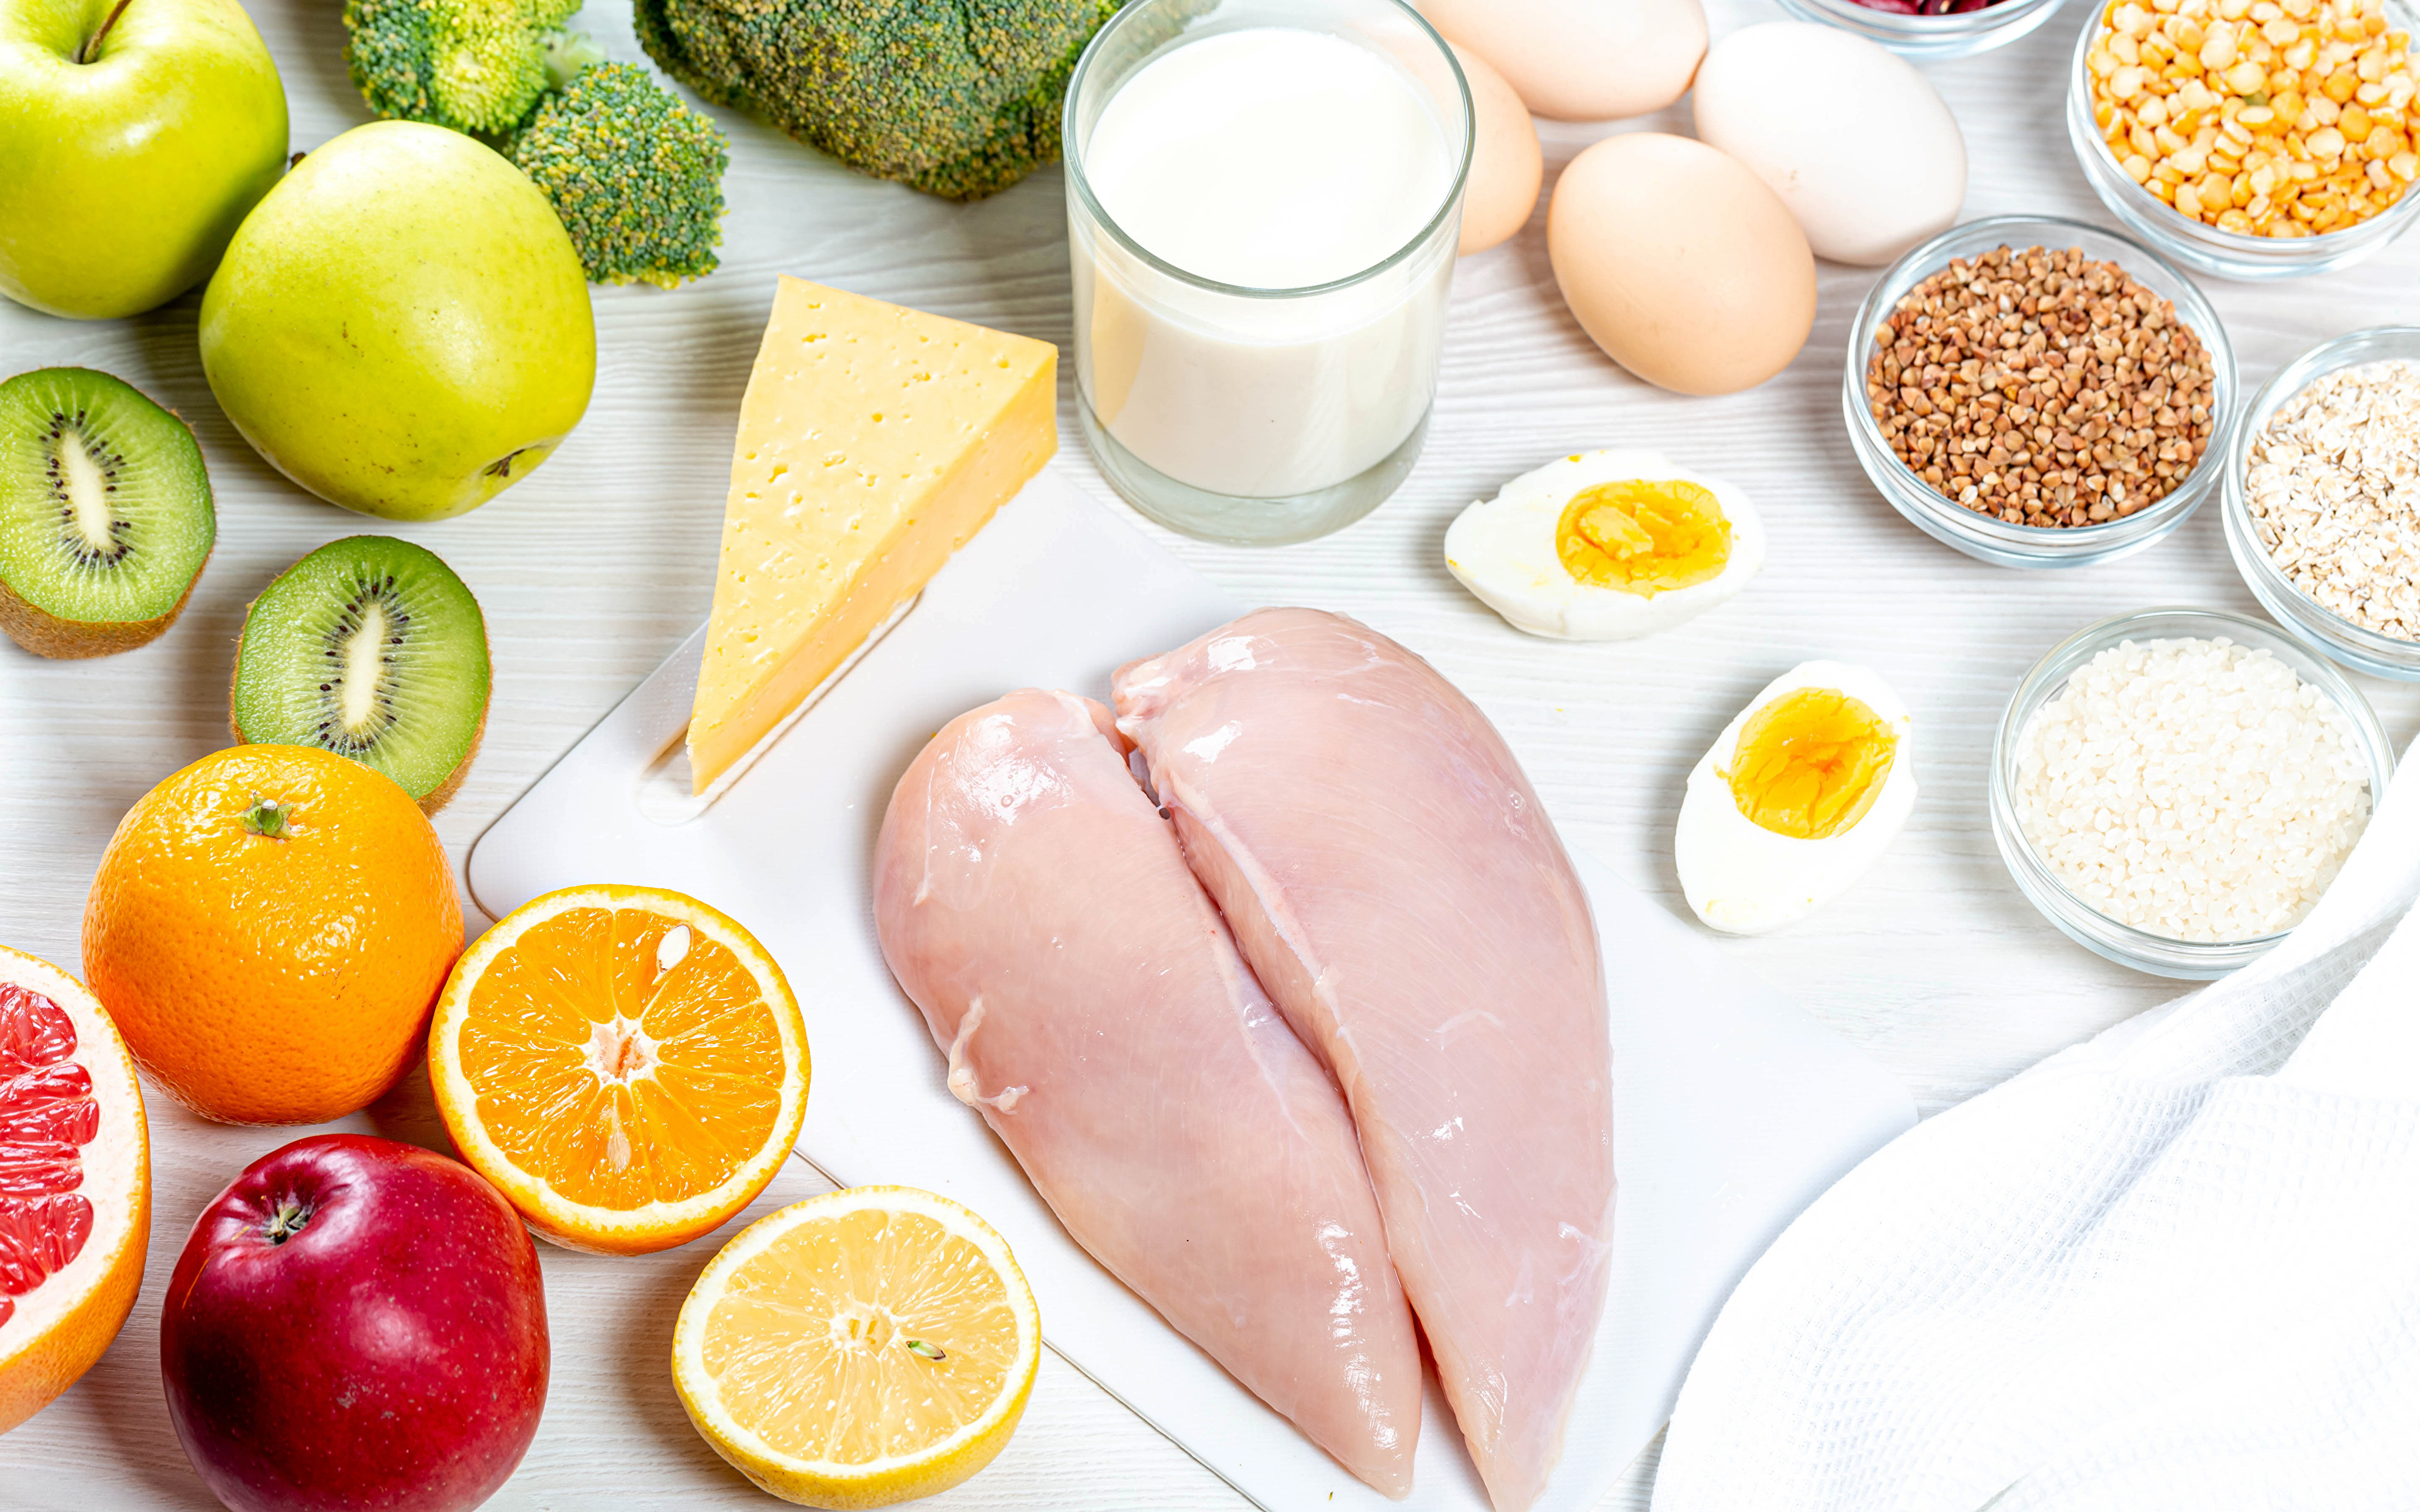 Обои для рабочего стола Молоко яйцами Курятина Апельсин Сыры Киви зерно Стакан Яблоки Продукты питания Натюрморт 3840x2400 яиц Яйца яйцо Зерна стакана стакане Еда Пища